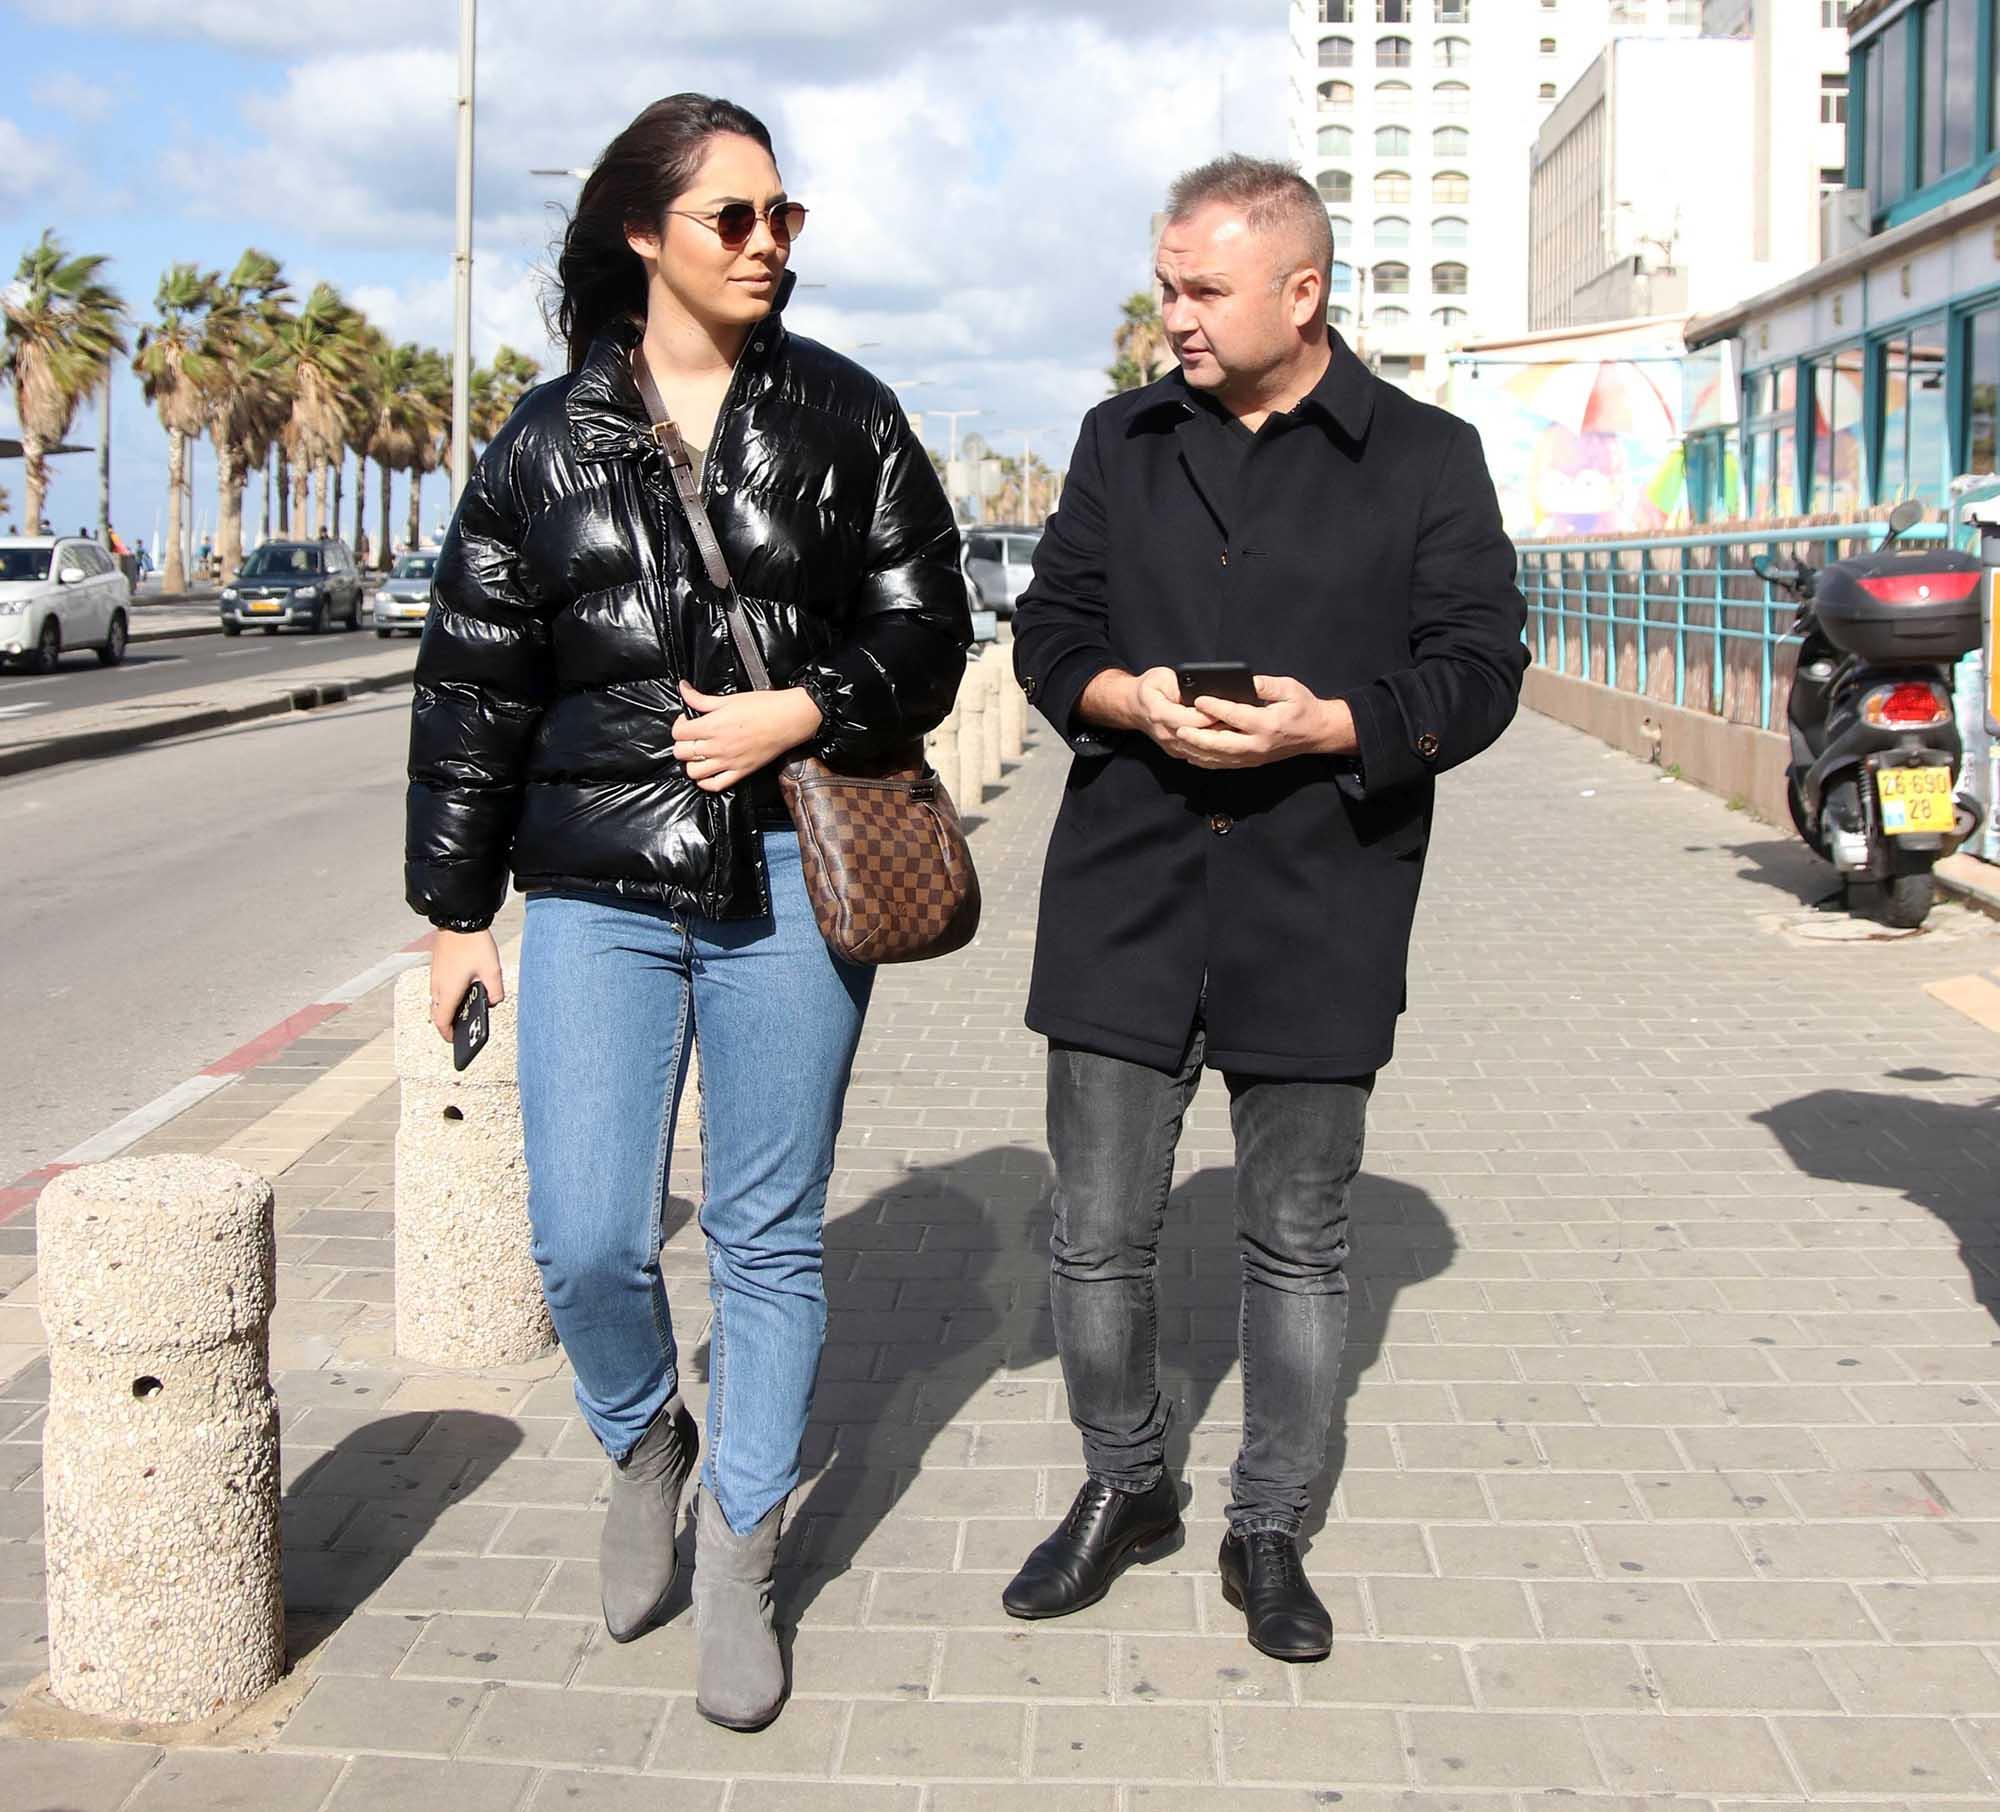 ניקול רזניקוב, סמיון גרפמן, חדשות האופנה